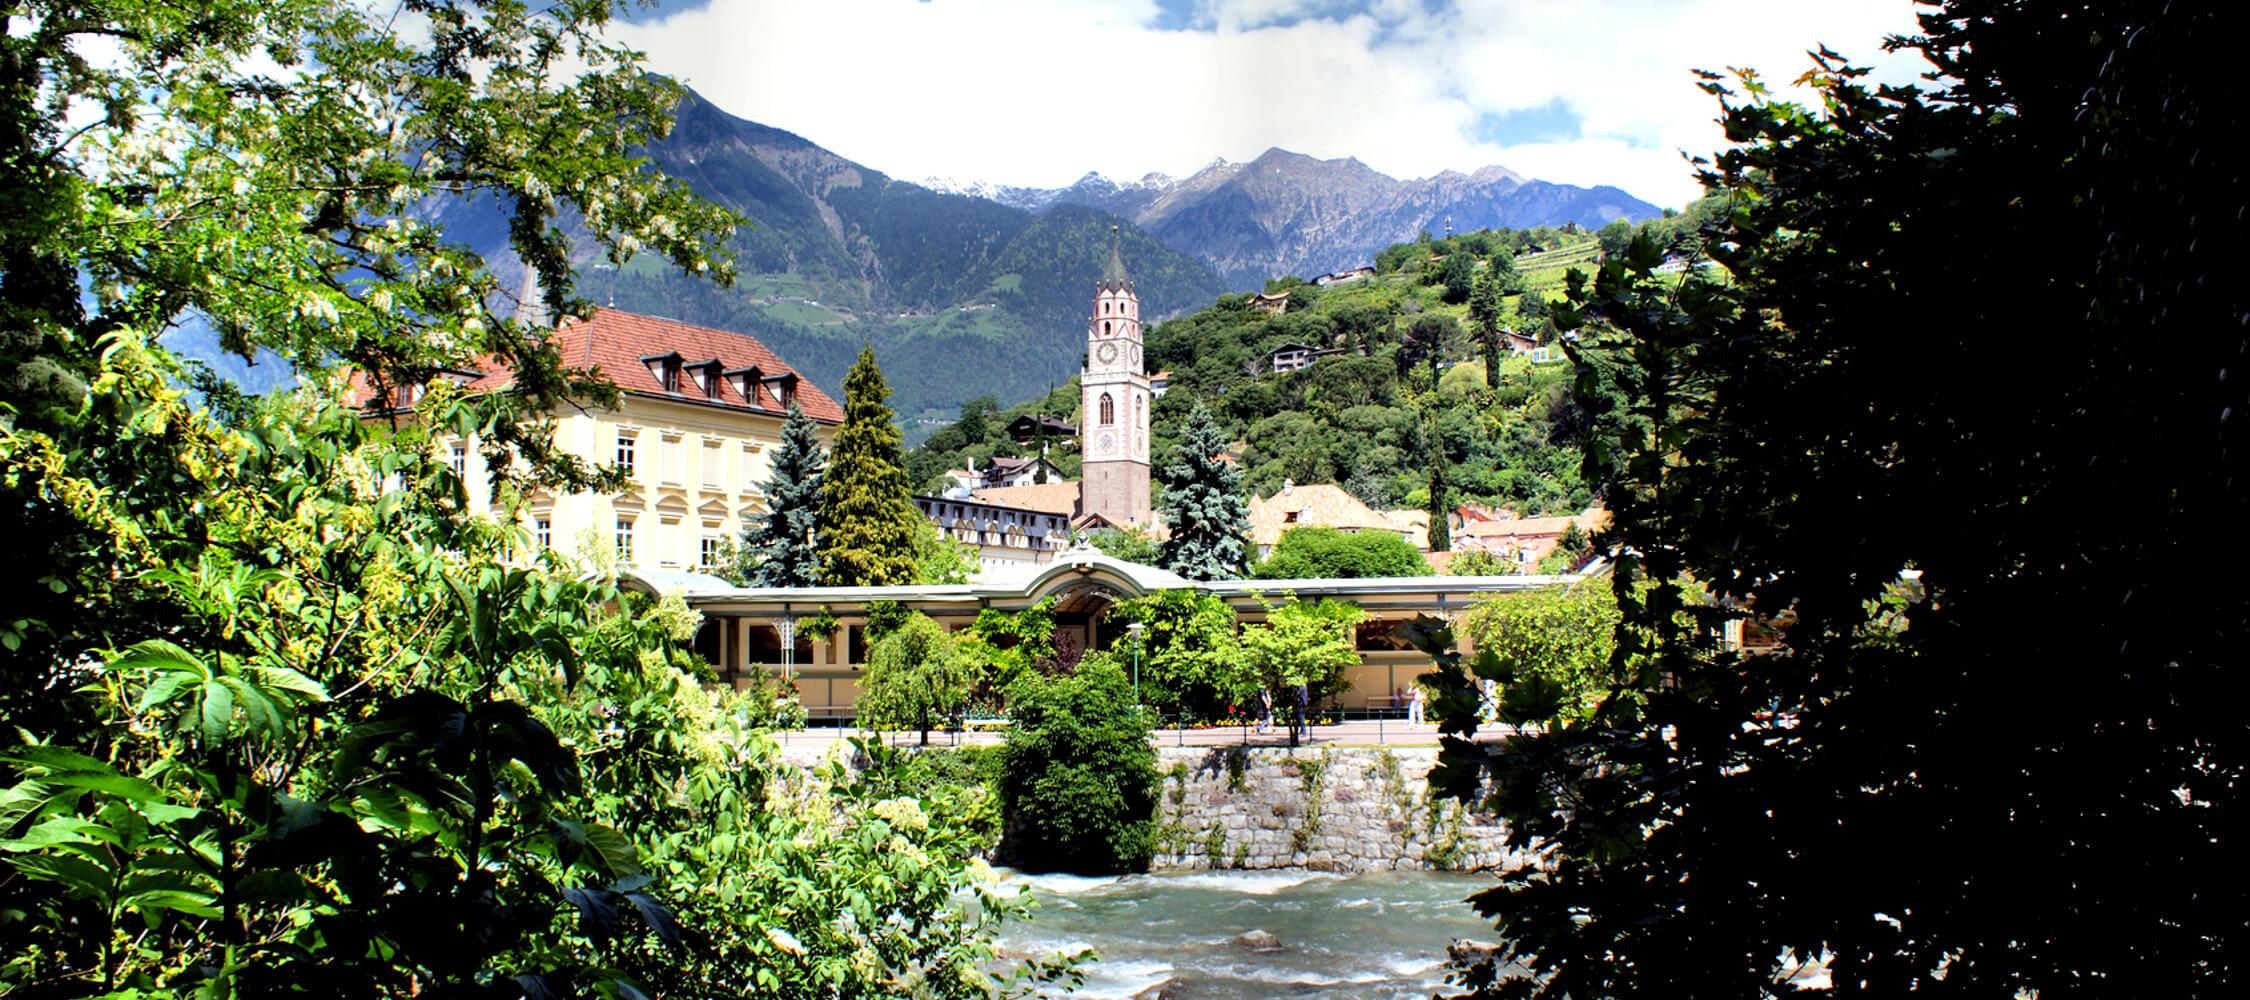 Italien-Trentino_Suedtirol_Alto_Adige_Merano_Meran_Stadt_Altstadt_Panorama_Passer_62061859_2250x1000